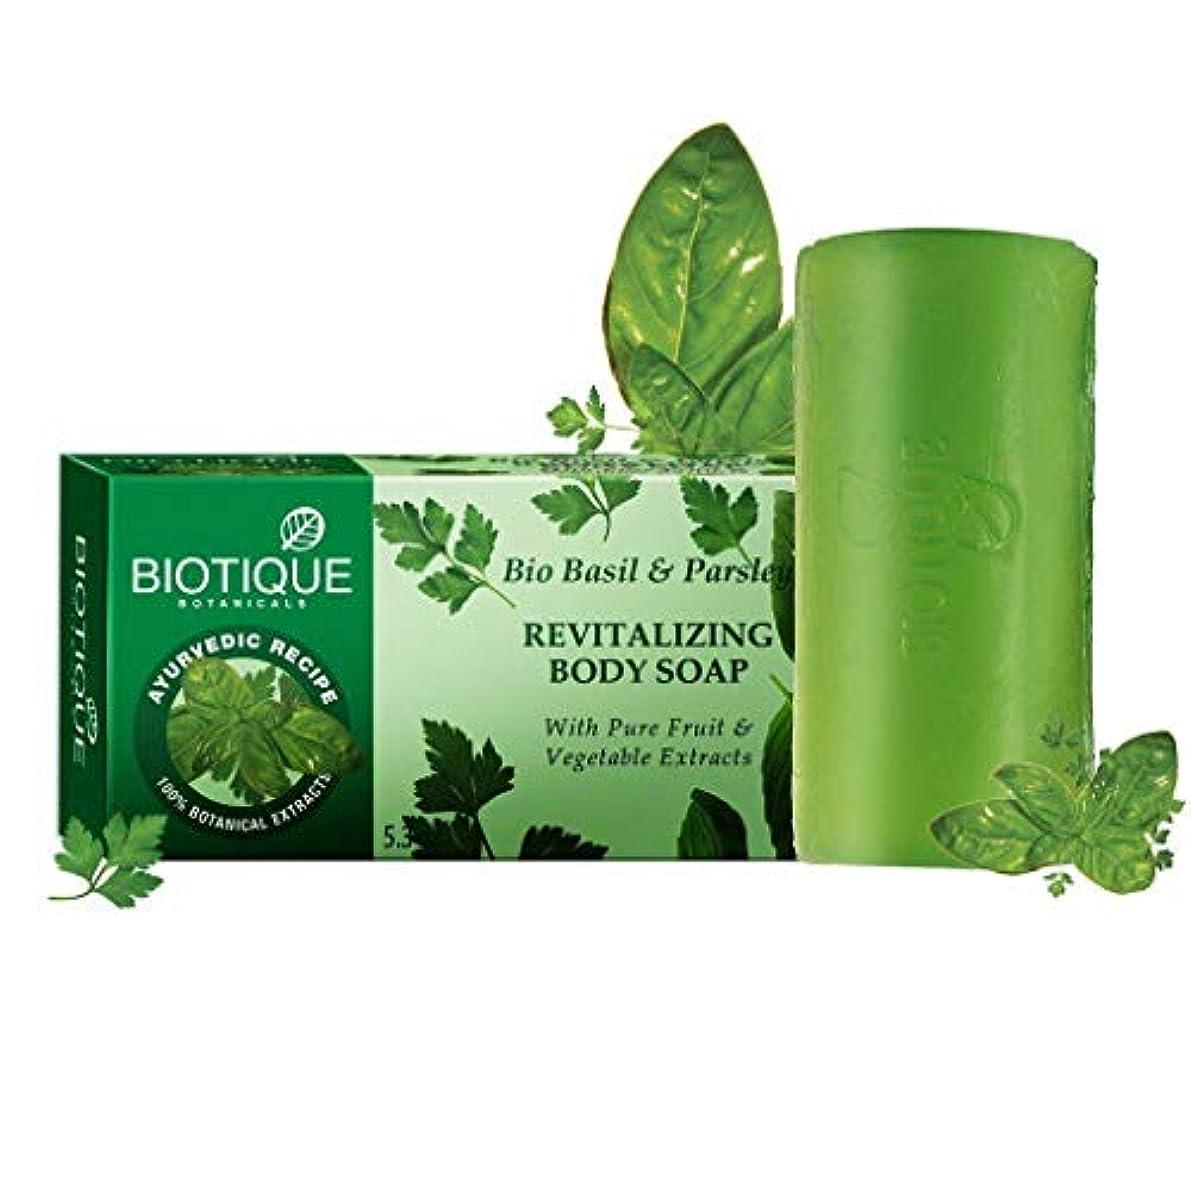 きらきら既婚傾向がありますBiotique Bio Basil And Parsley Revitalizing Body Soap 150g (Pack of 2) Biotiqueバイオバジルとパセリの活性化ボディソープ